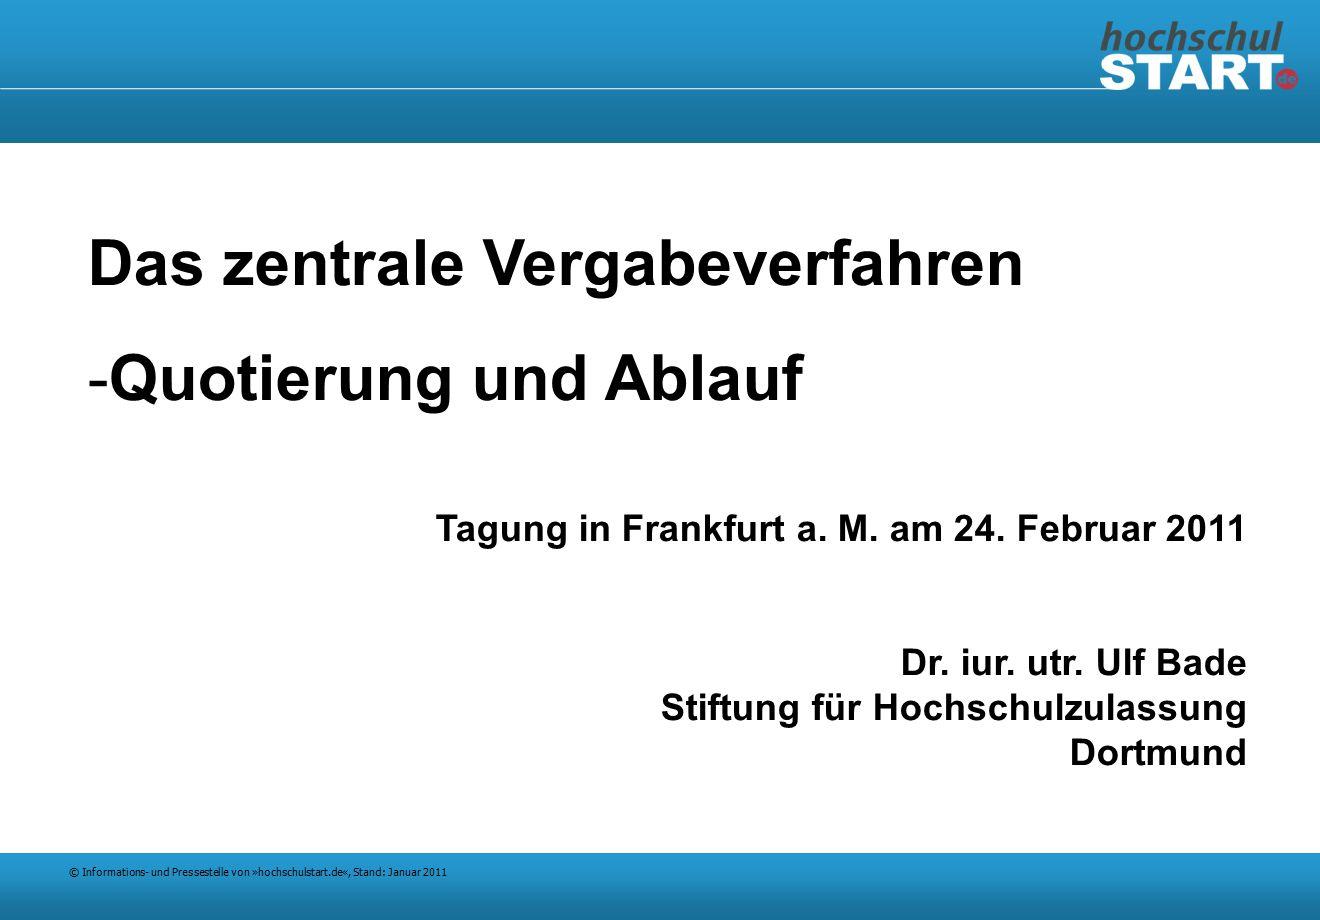 © Informations- und Pressestelle von »hochschulstart.de«, Stand: Januar 2011 Das zentrale Vergabeverfahren -Quotierung und Ablauf Tagung in Frankfurt a.